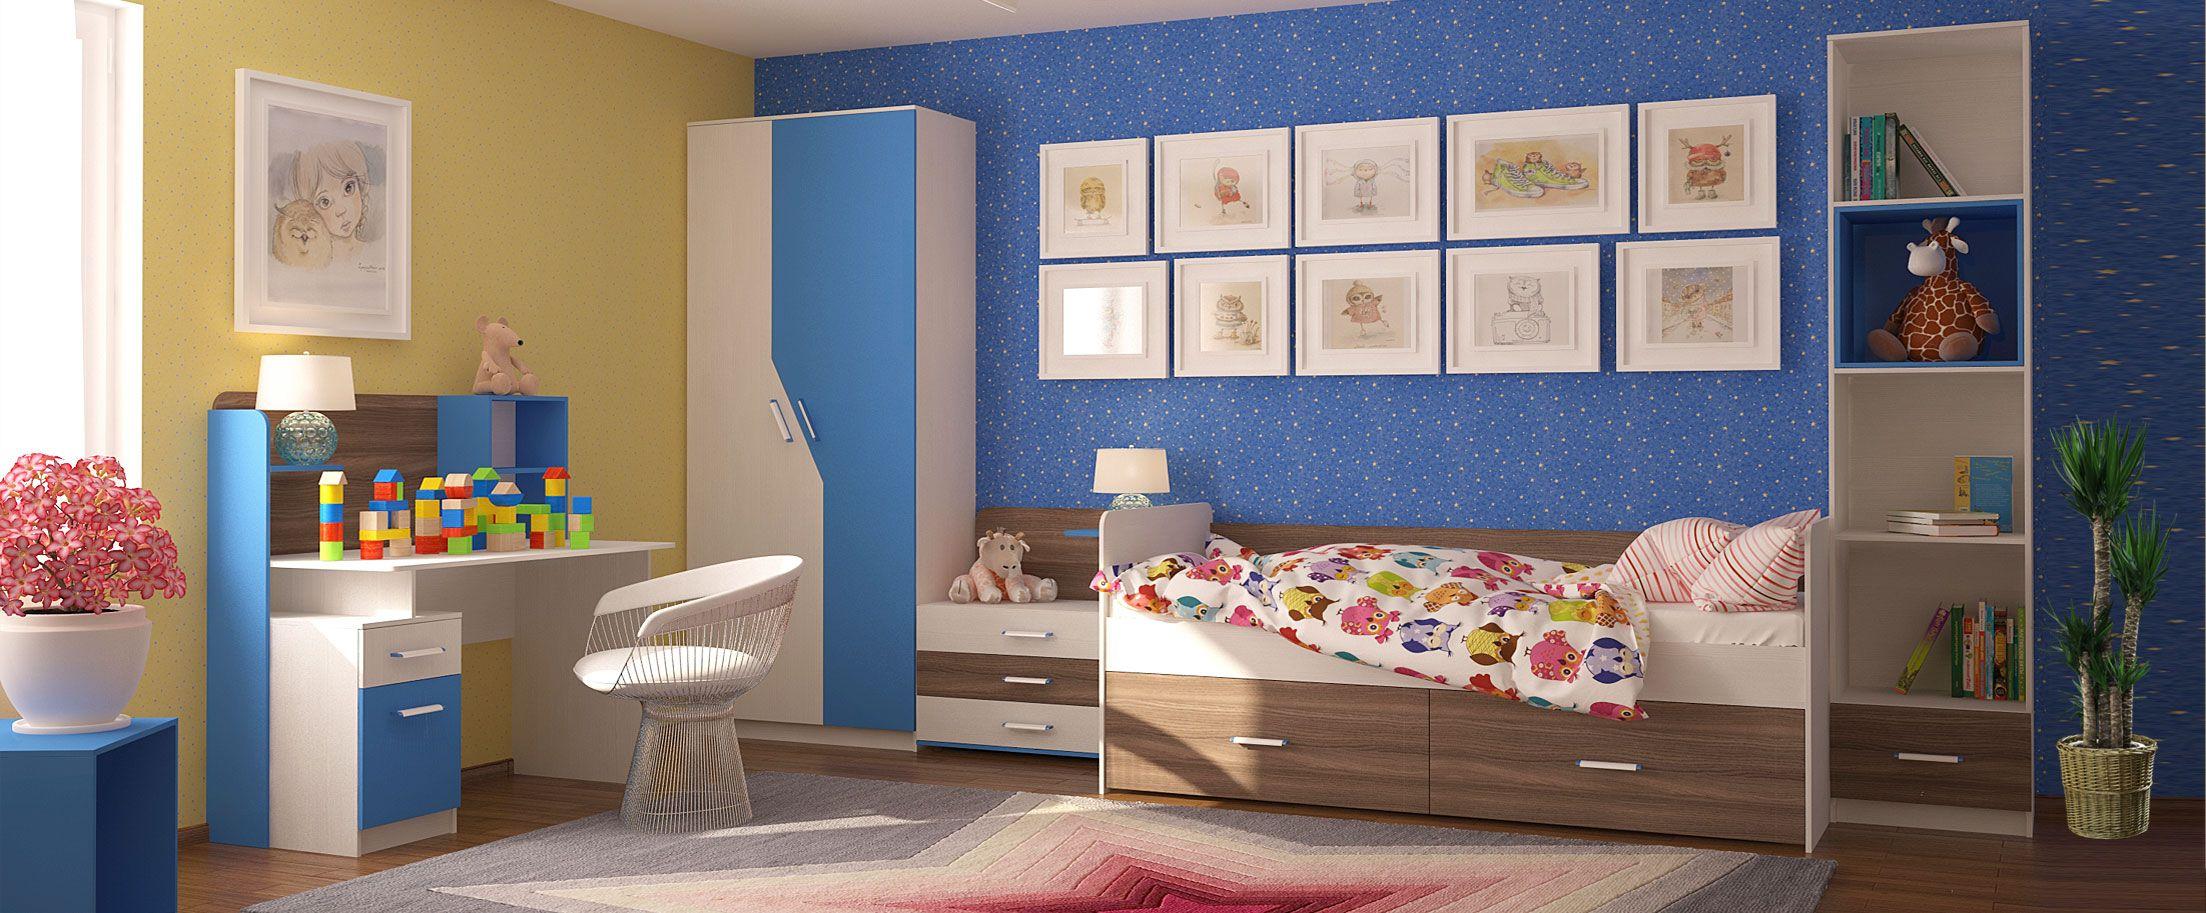 Детская синего цвета Скейт-5Купить набор уютной и комфортной детской мебели в интернет магазине MOON TRADE. Спальное место 80х190 см. Быстрая доставка, вынос упаковки, гарантия! Выгодная покупка!<br>